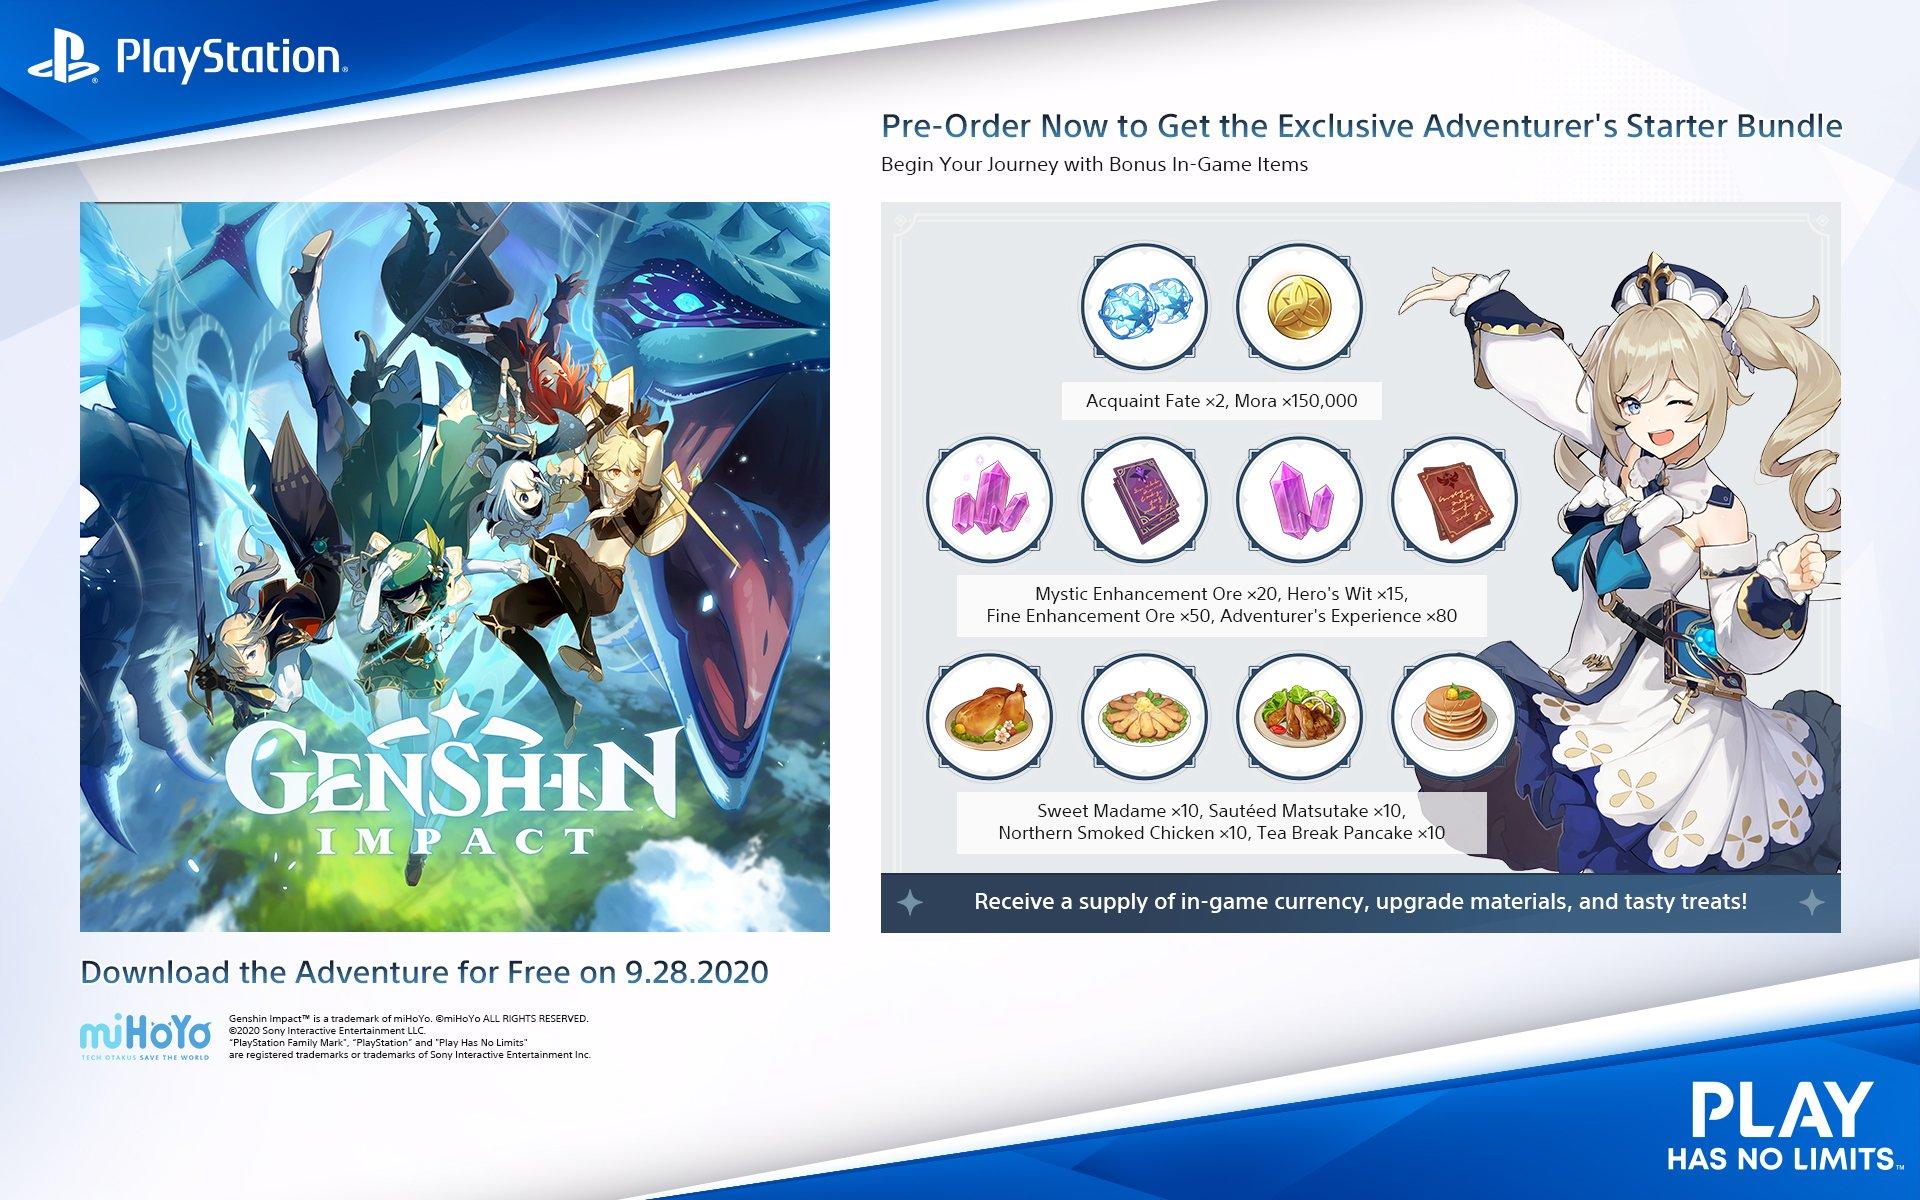 Versi Playstation 4 Genshin Impact Meluncur Bersamaan Dengan Pc Dan Mobile Gamebrott Com